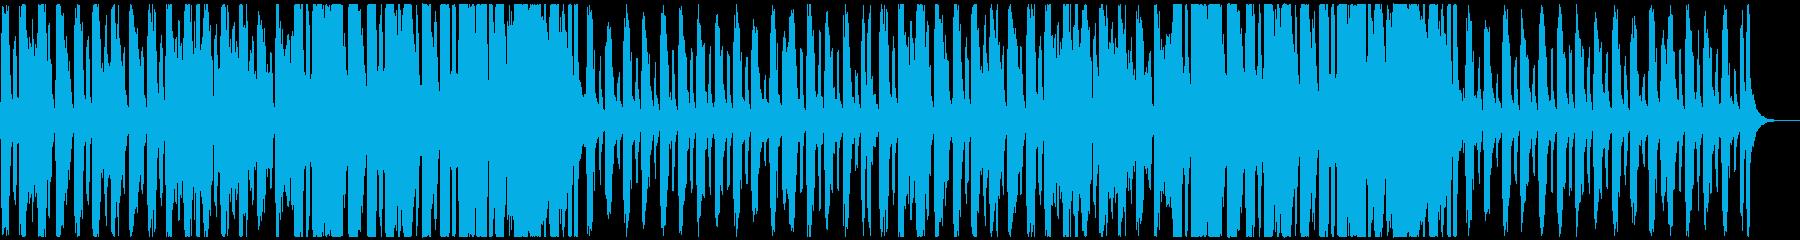 遊園地のようなレトロ漂うワルツの再生済みの波形